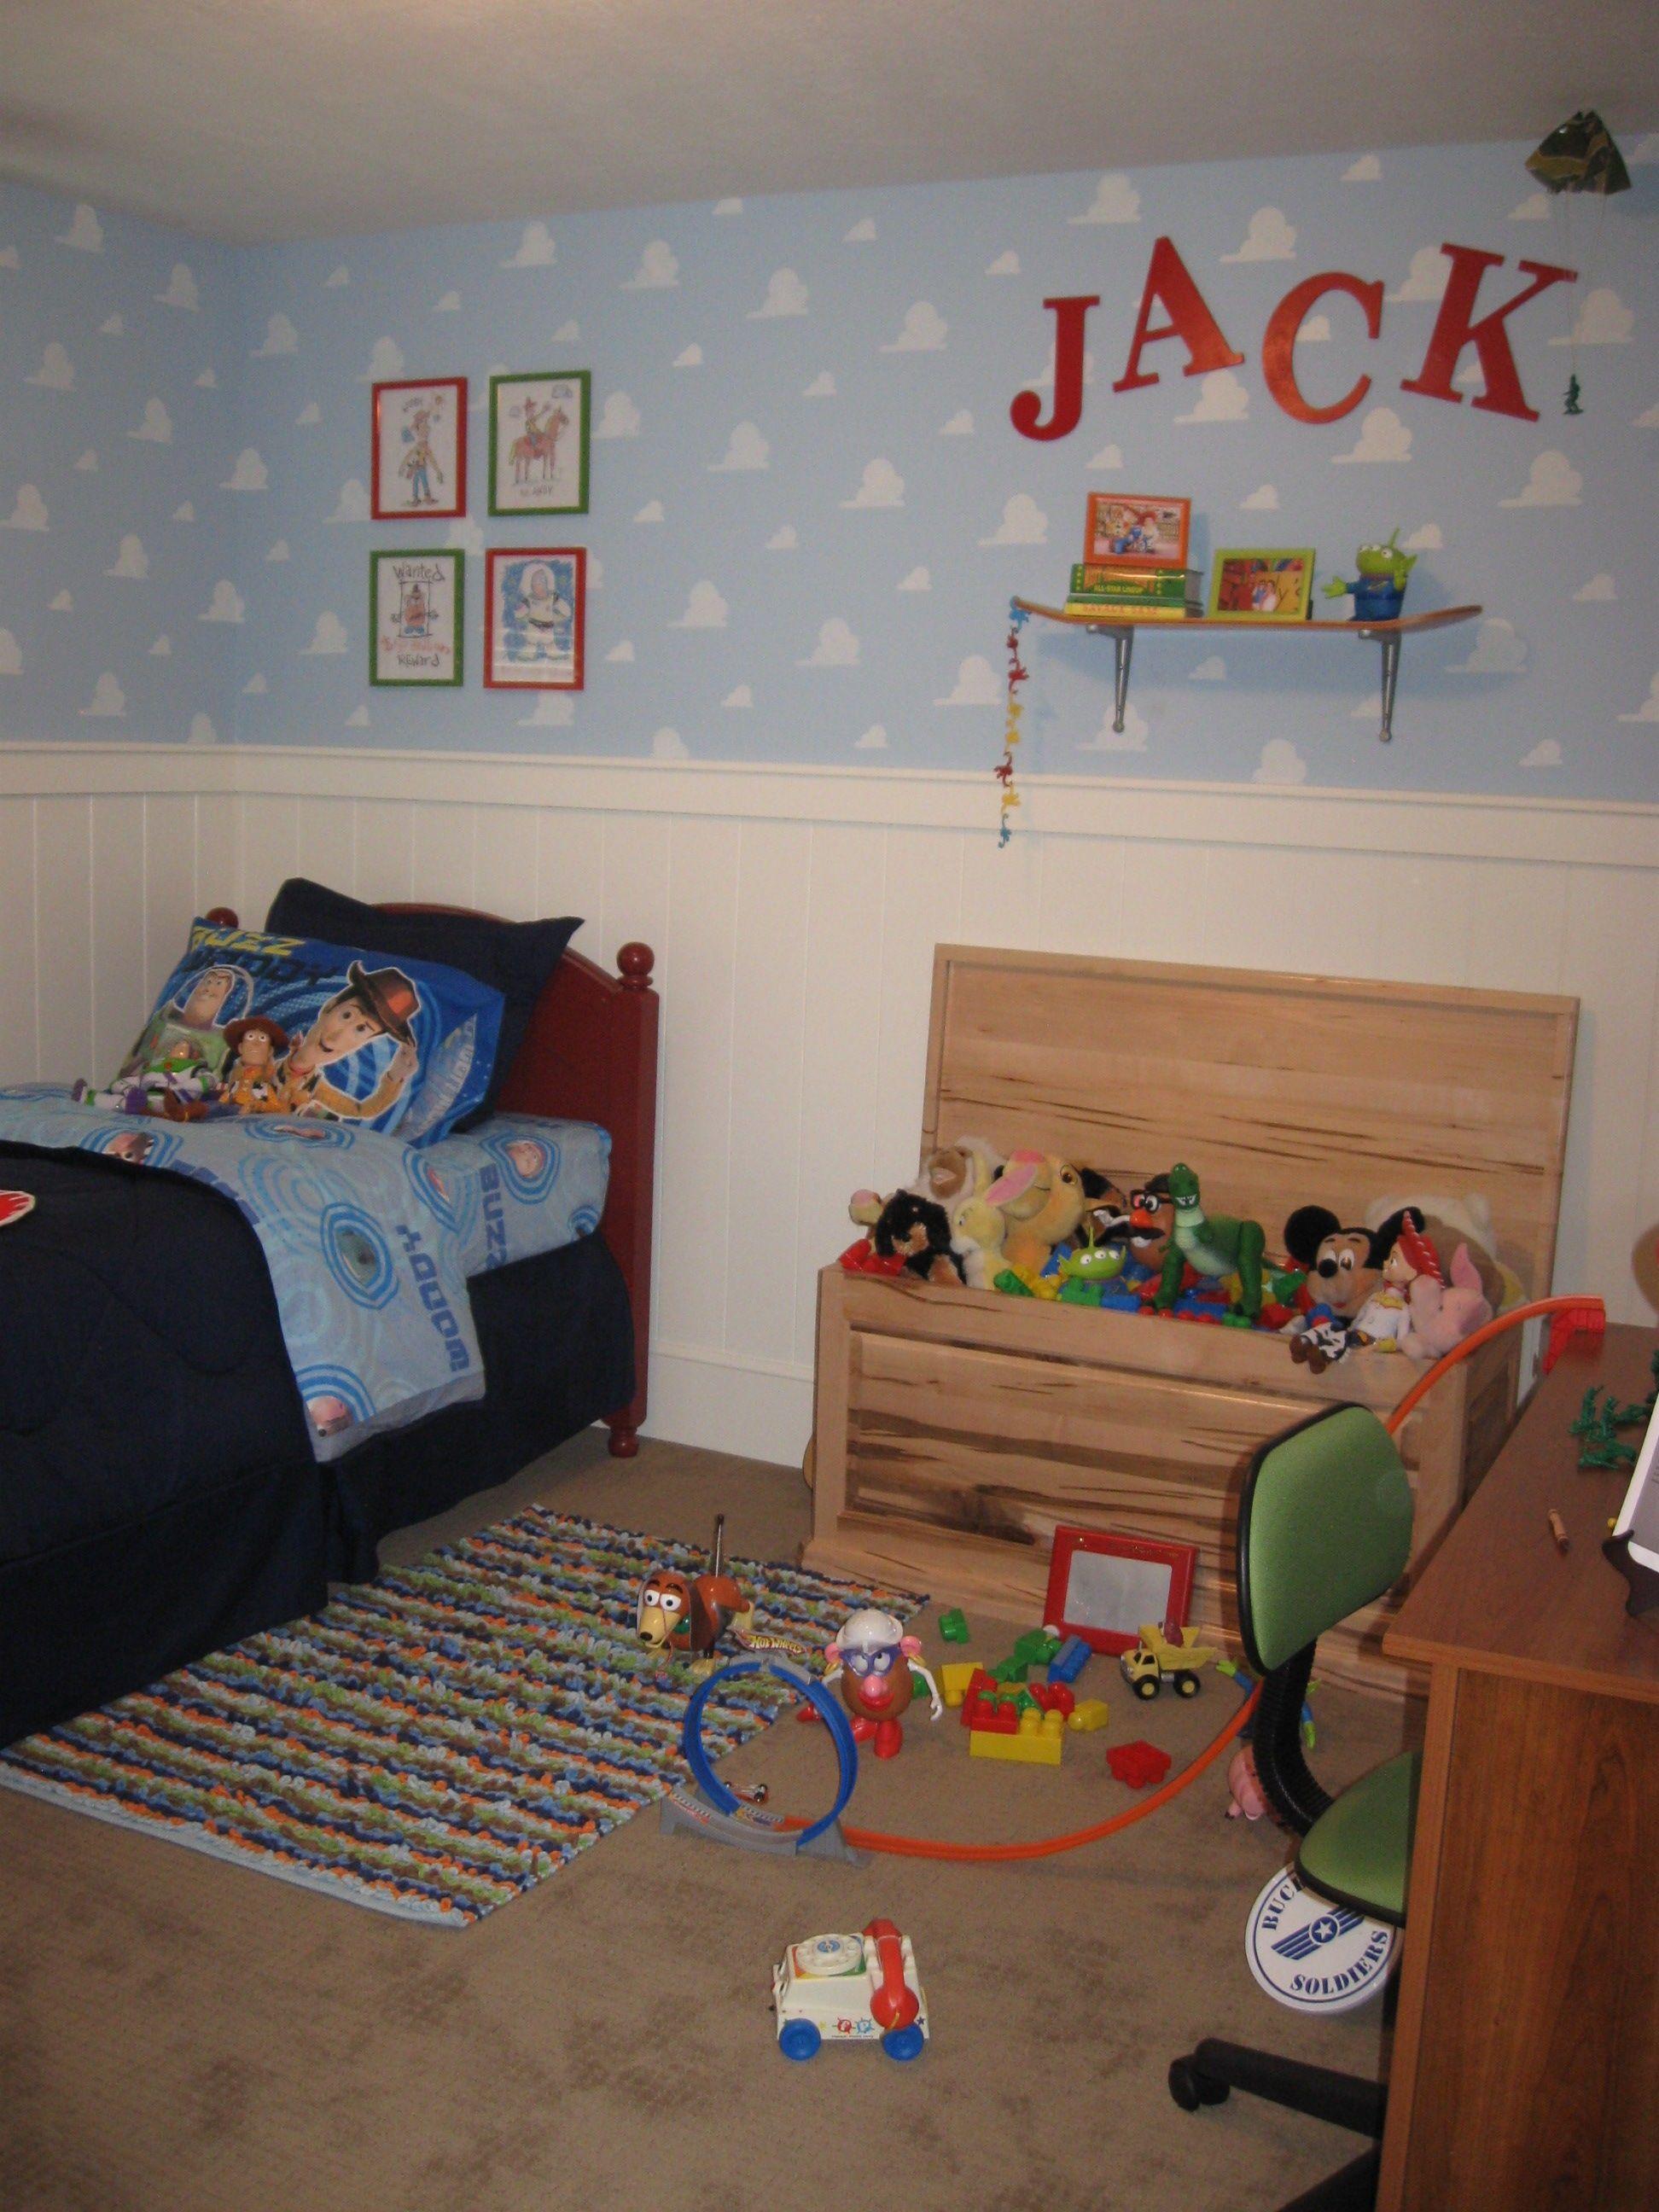 Up House Toy Story Room Toy Story Room Toy Story Bedroom